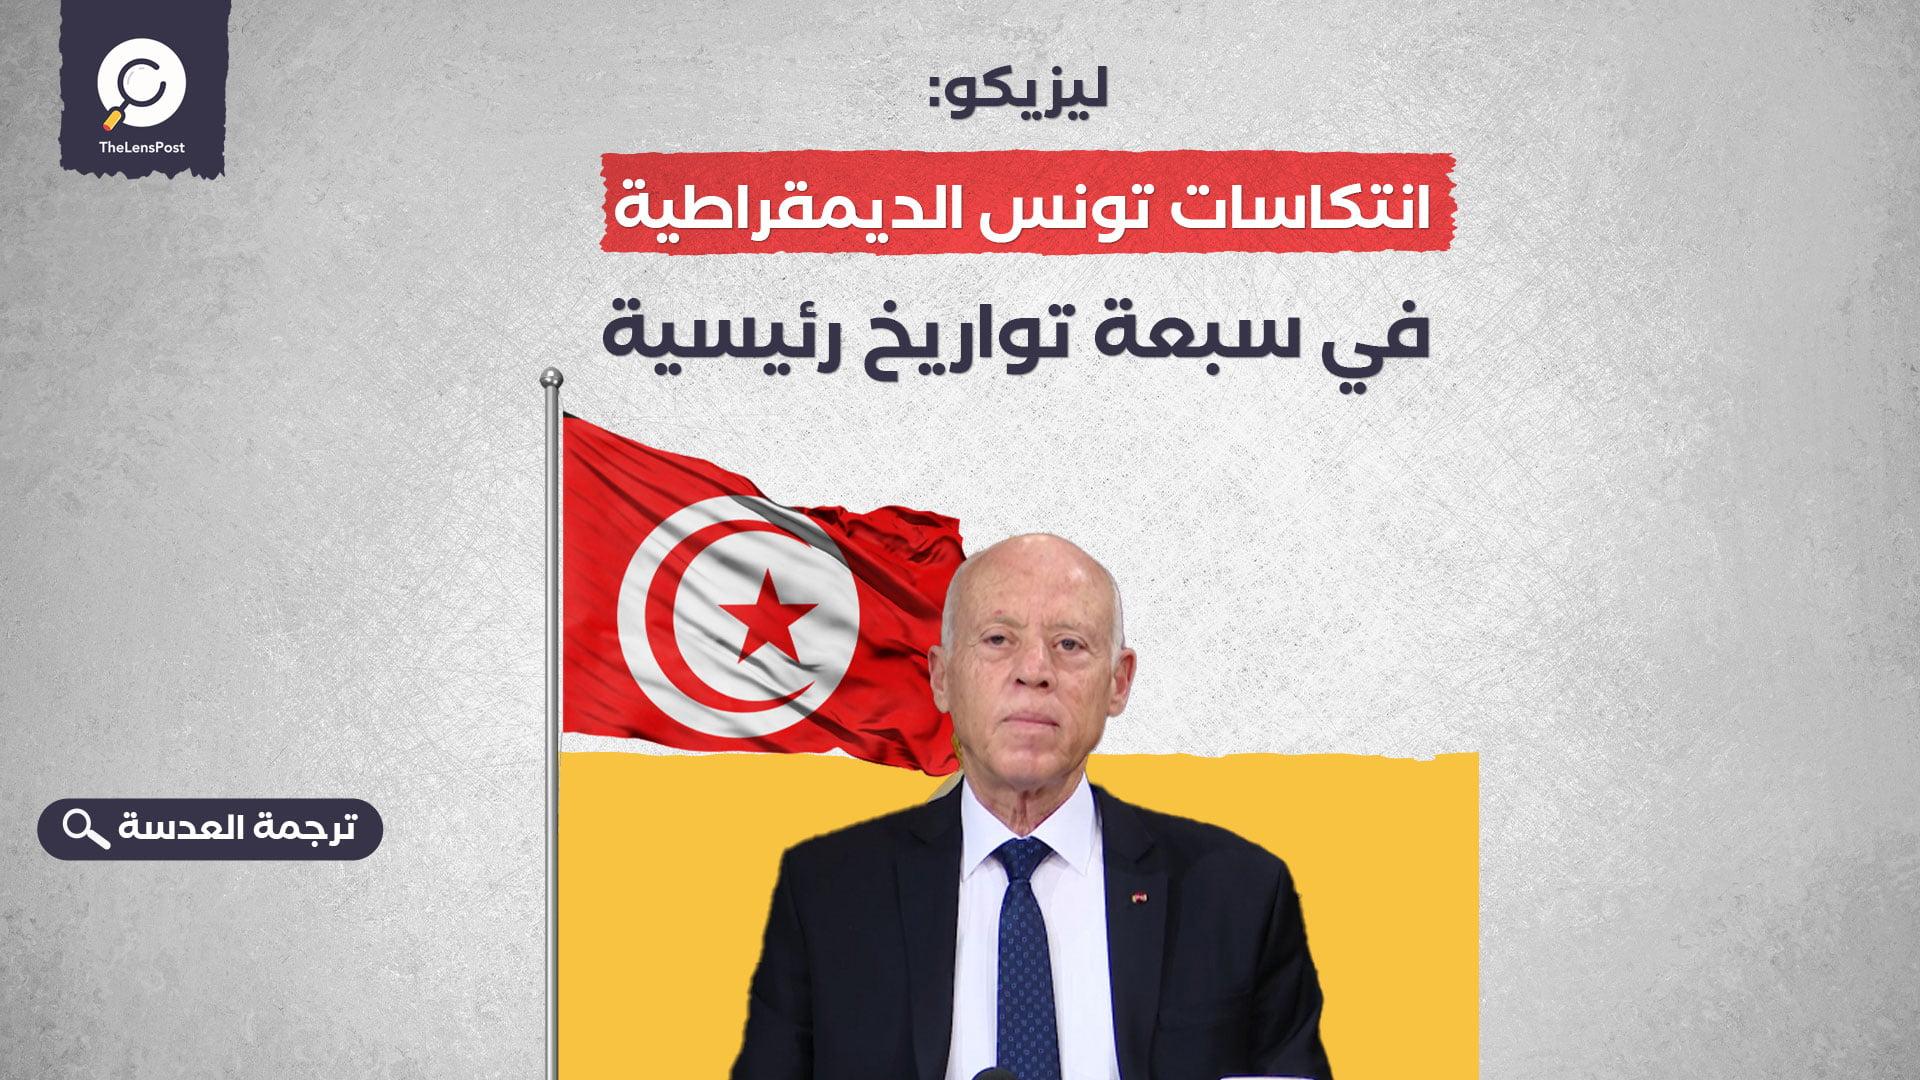 ليزيكو: انتكاسات تونس الديمقراطية في سبعة تواريخ رئيسية